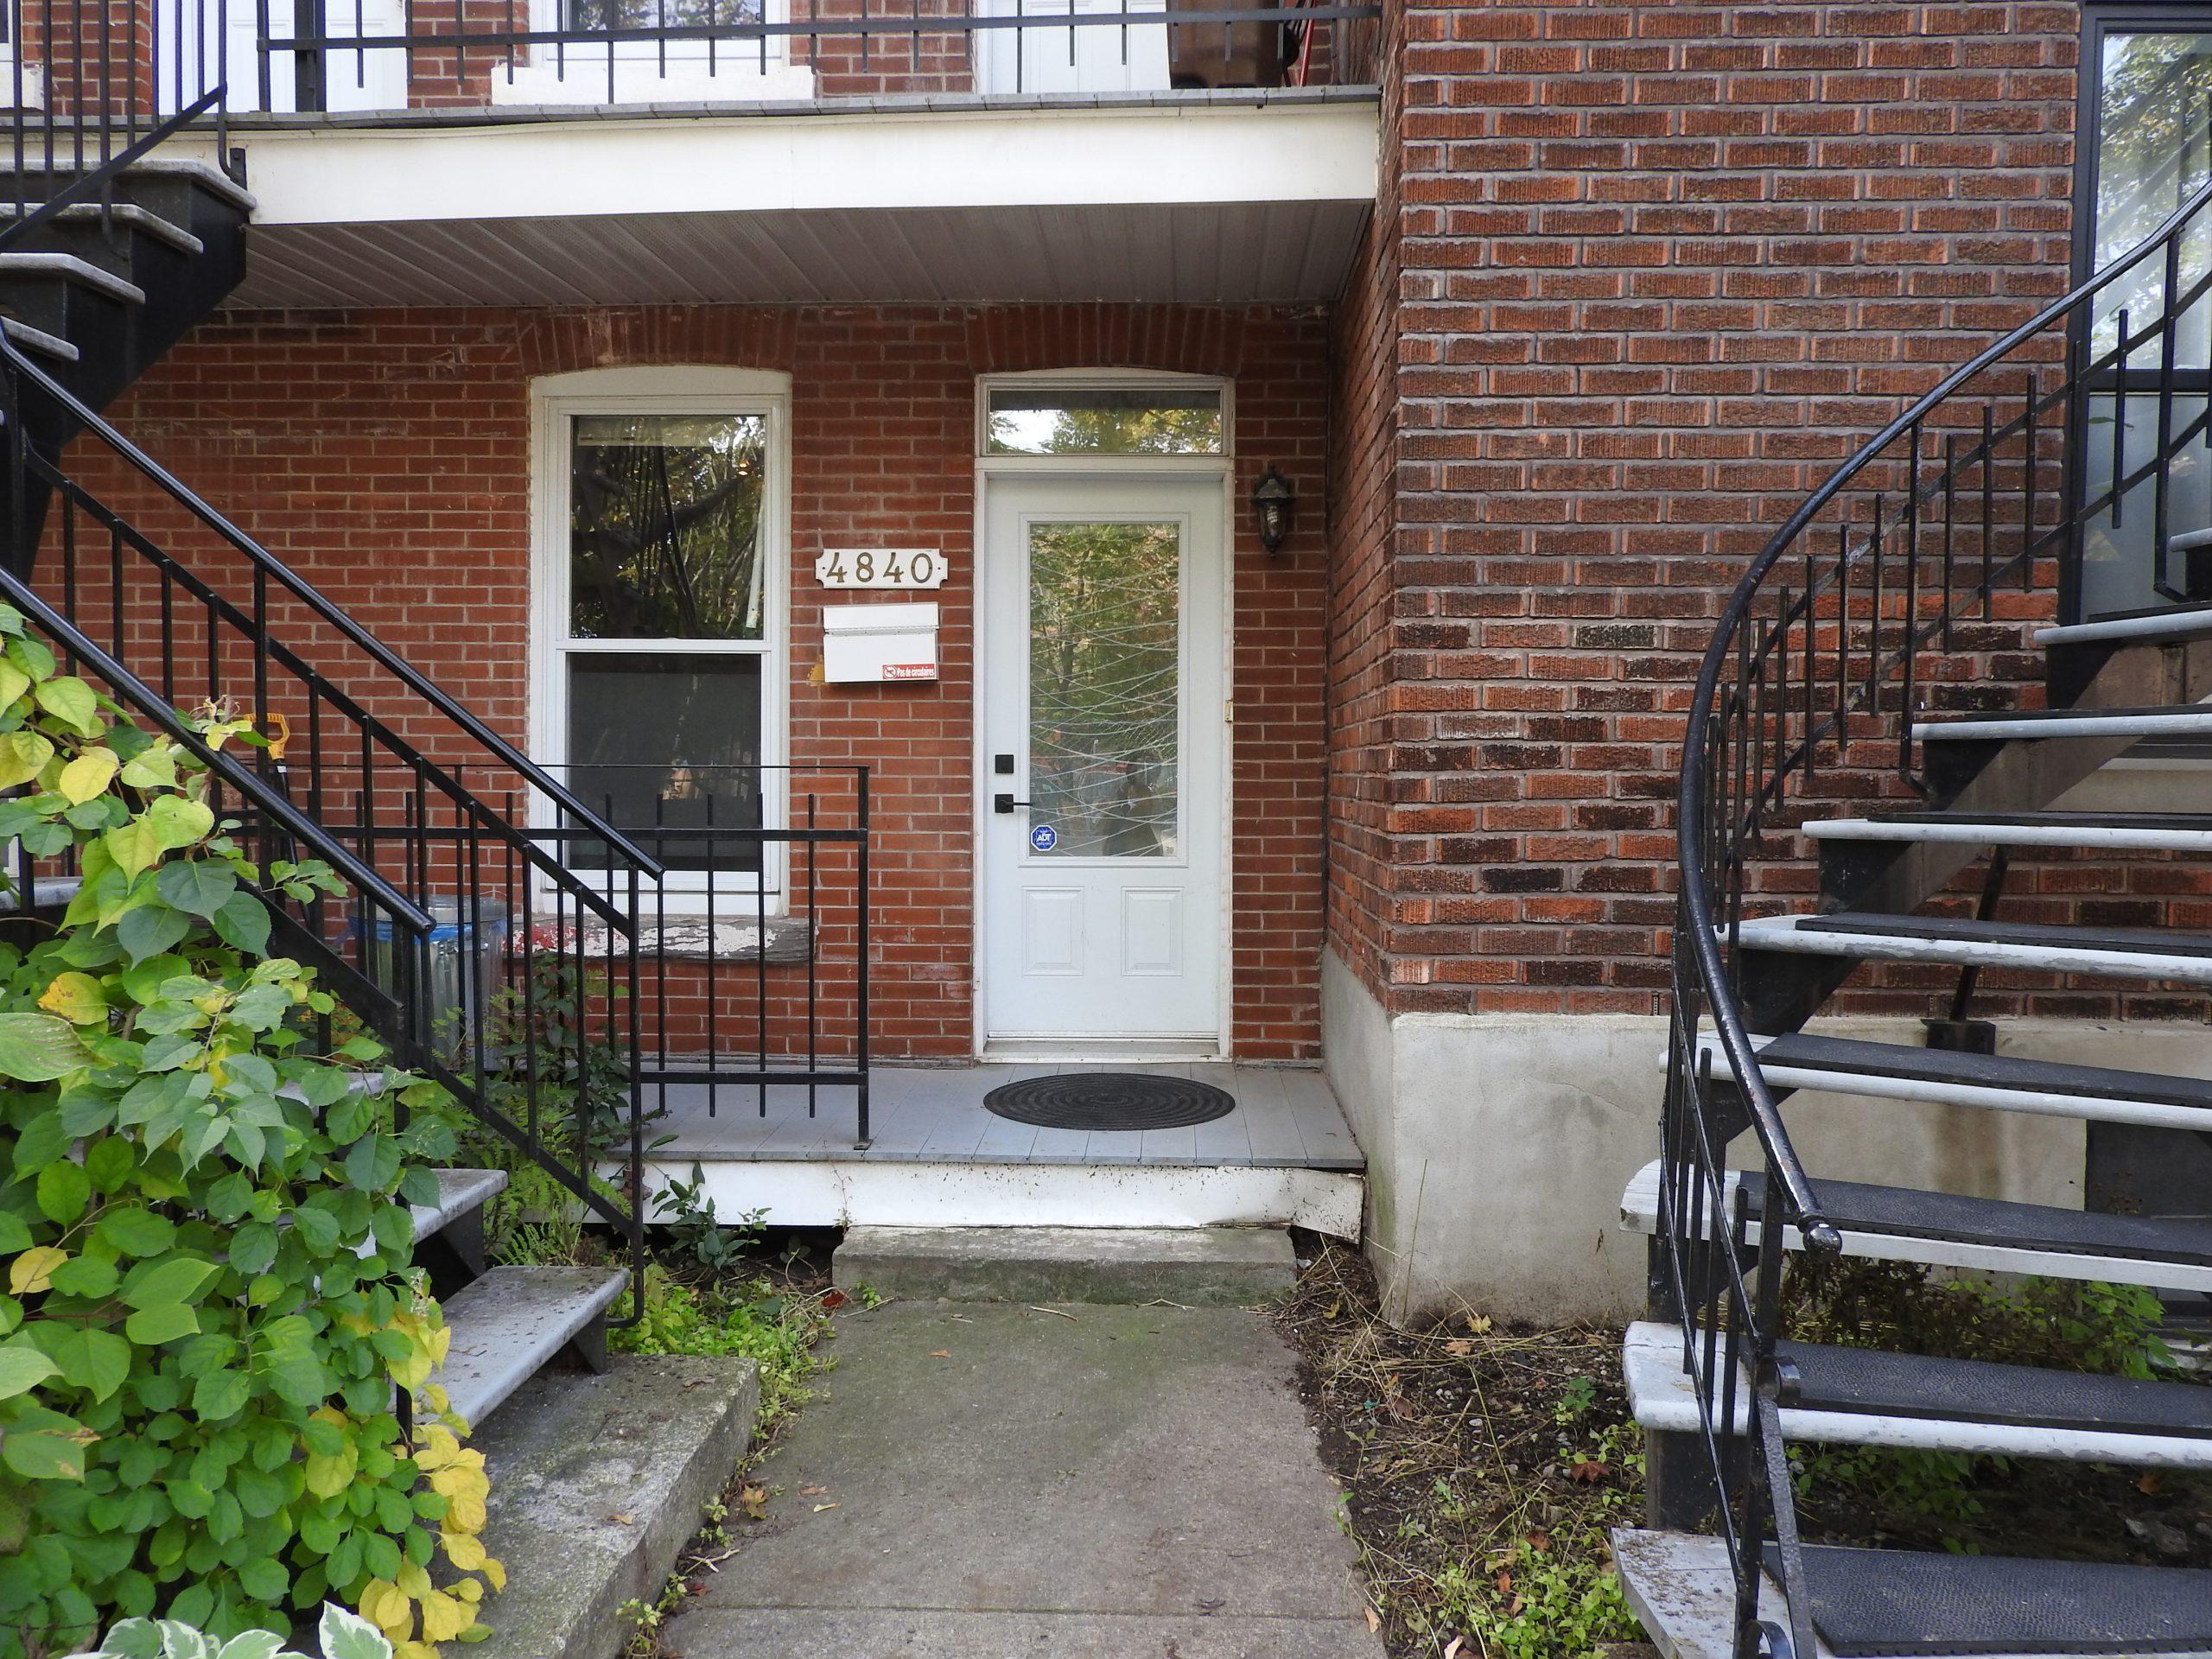 La devanture de notre logement : 4840 rue …